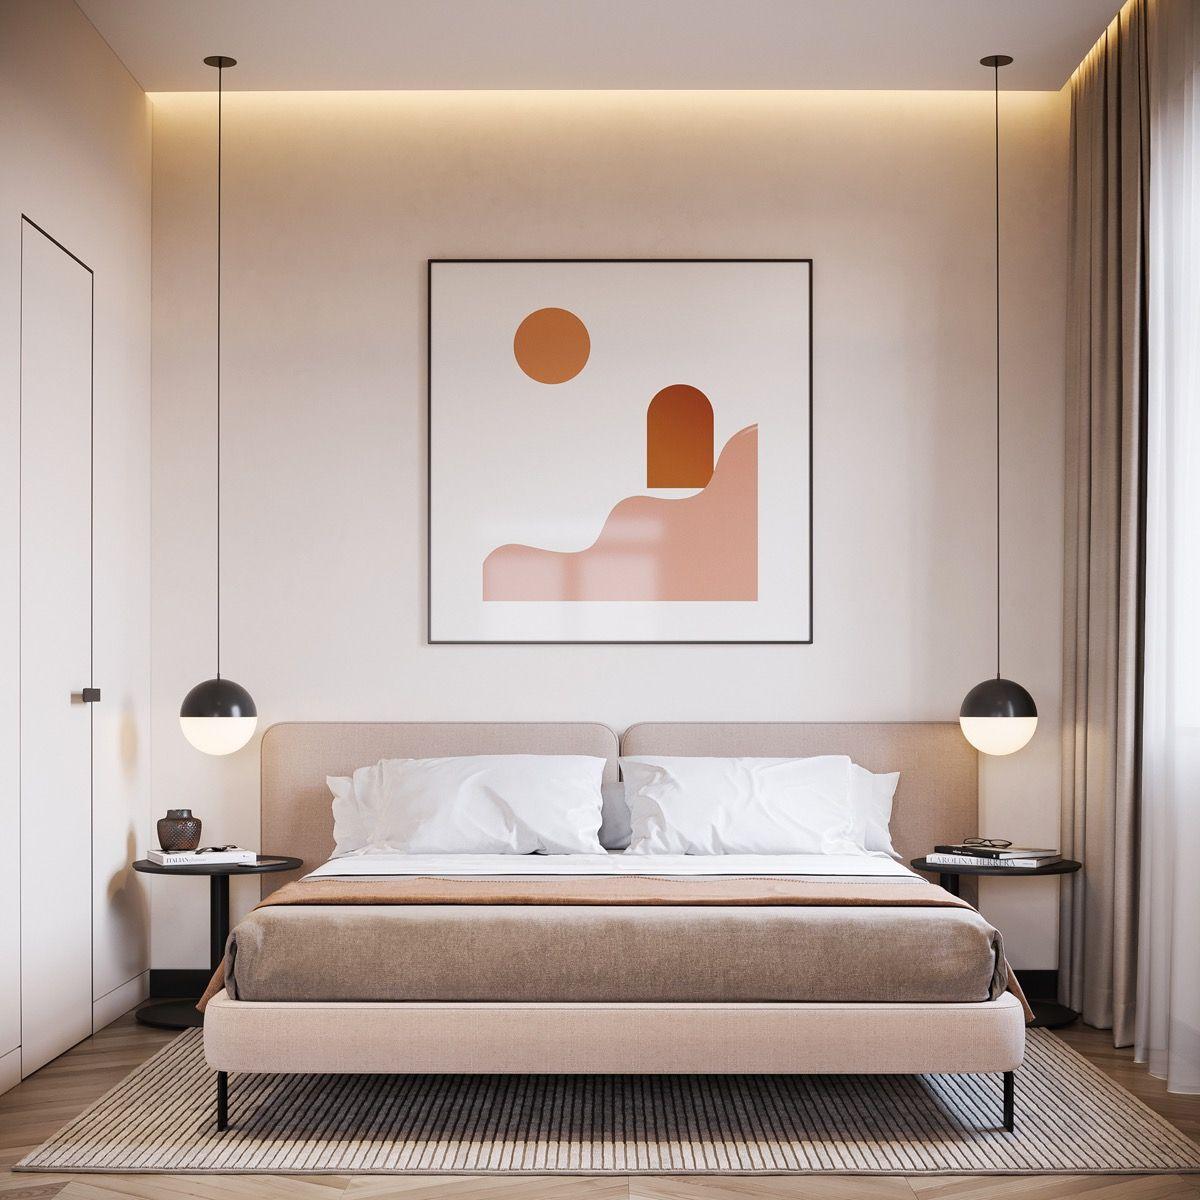 How To Use Terrazzo In Interior Design 4 Examples Home Decor Bedroom Home Decor Bedroom Interior